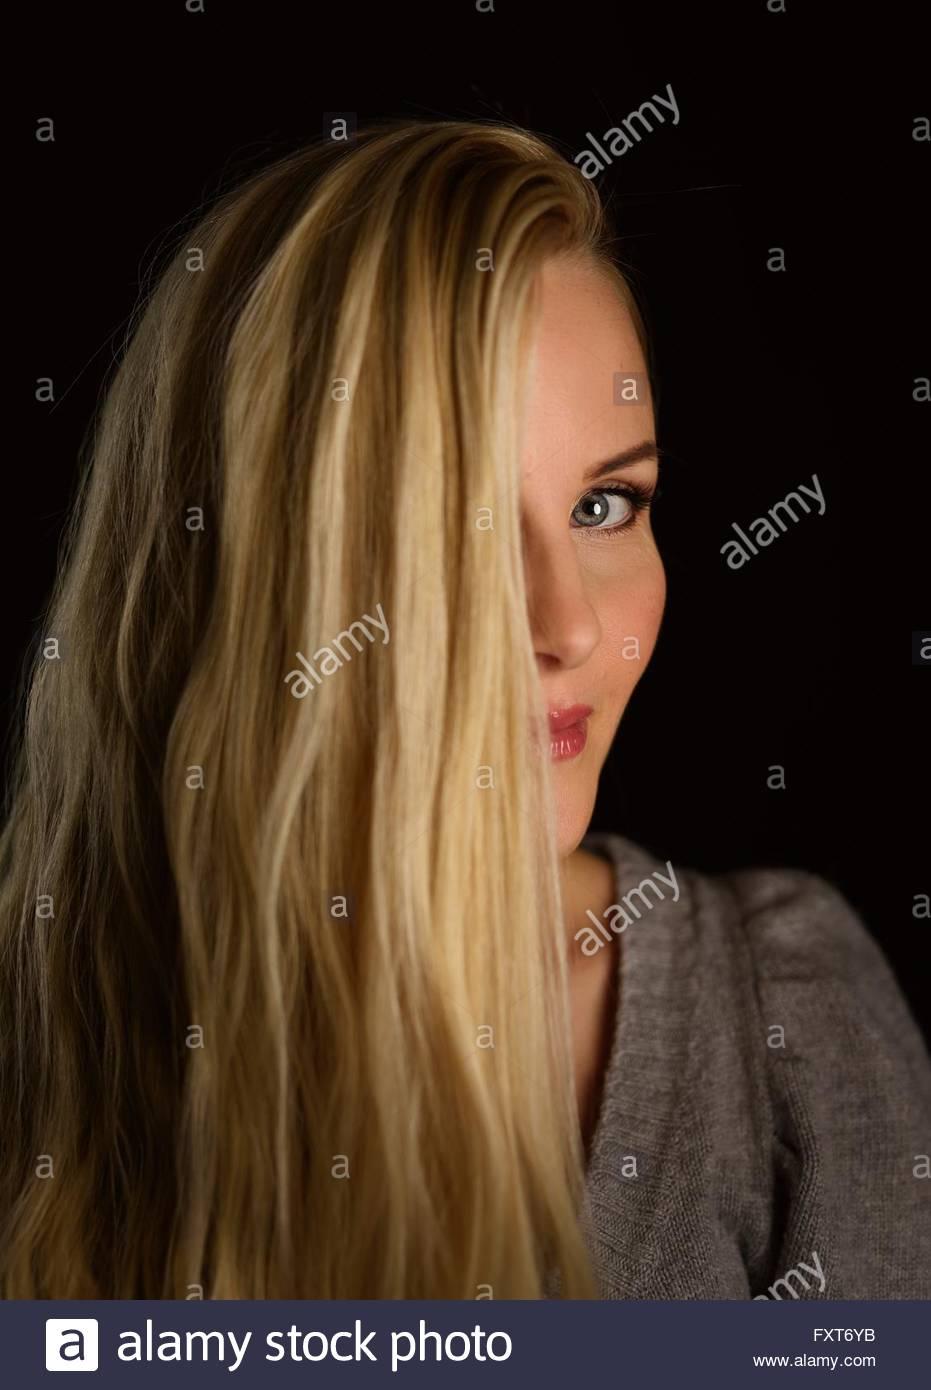 Porträt Der Frau Blonde Lange Haare Teilweise Verdeckt